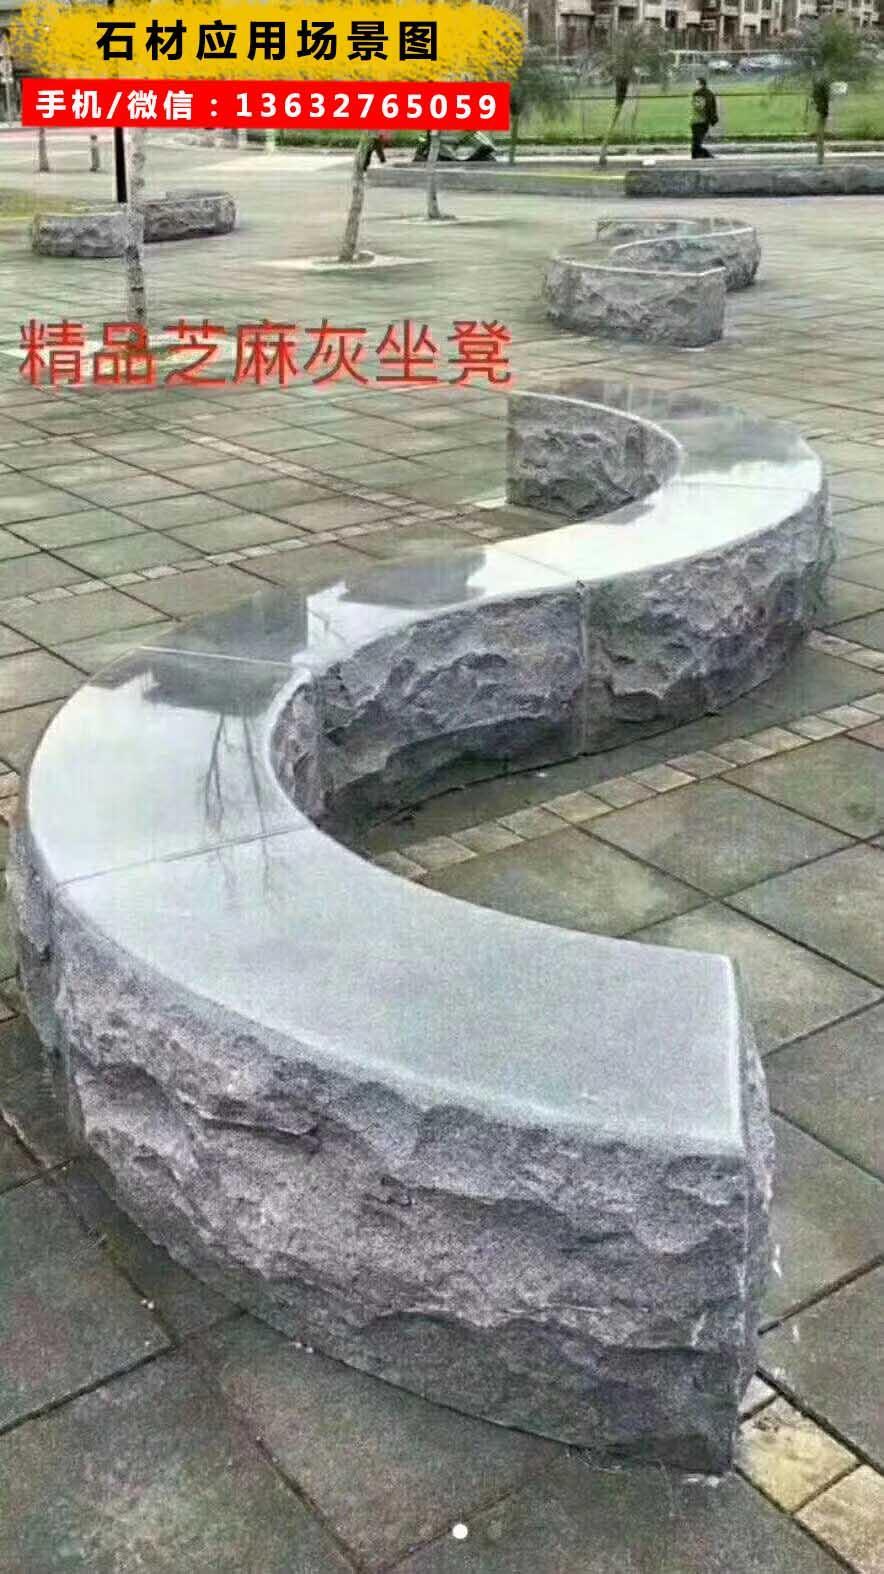 室外台阶石材-室外台阶用什么石材ˉ石材台阶图片ˉ石材台阶计算规则-深圳市政专业石材加工厂家(手机/微信∶13392193910金总工帮您忙﹗)